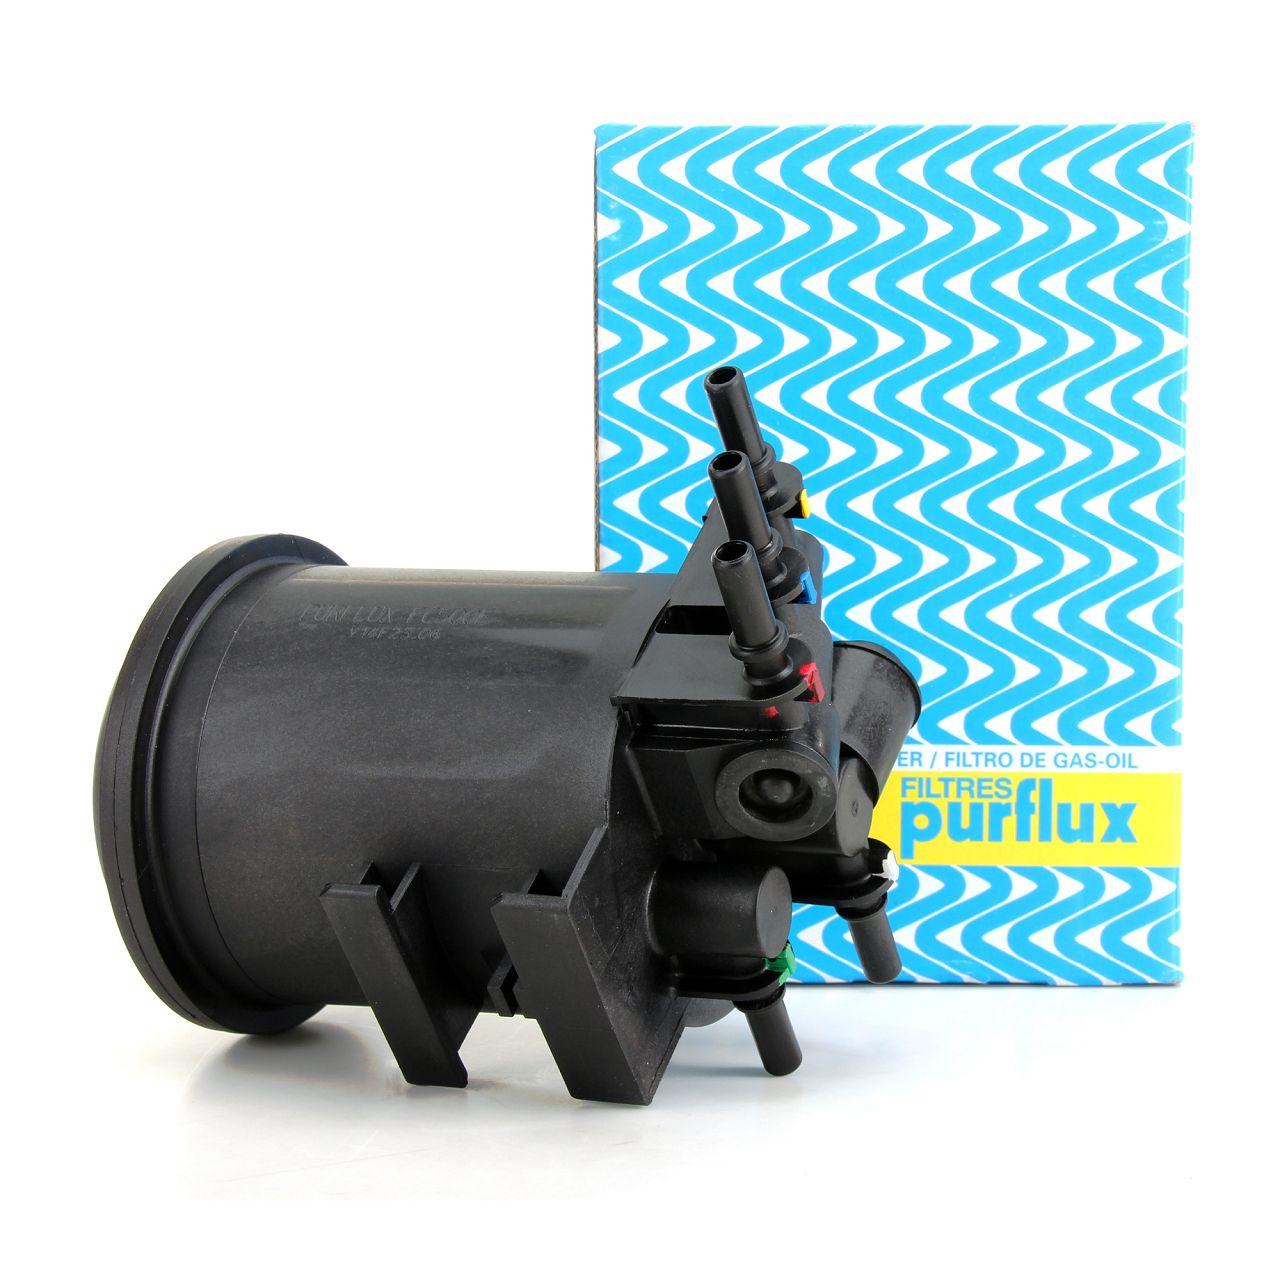 PURFLUX Kraftstofffilter Dieselfilter für Renault Kangoo Megane Scenic 1.9 dCi